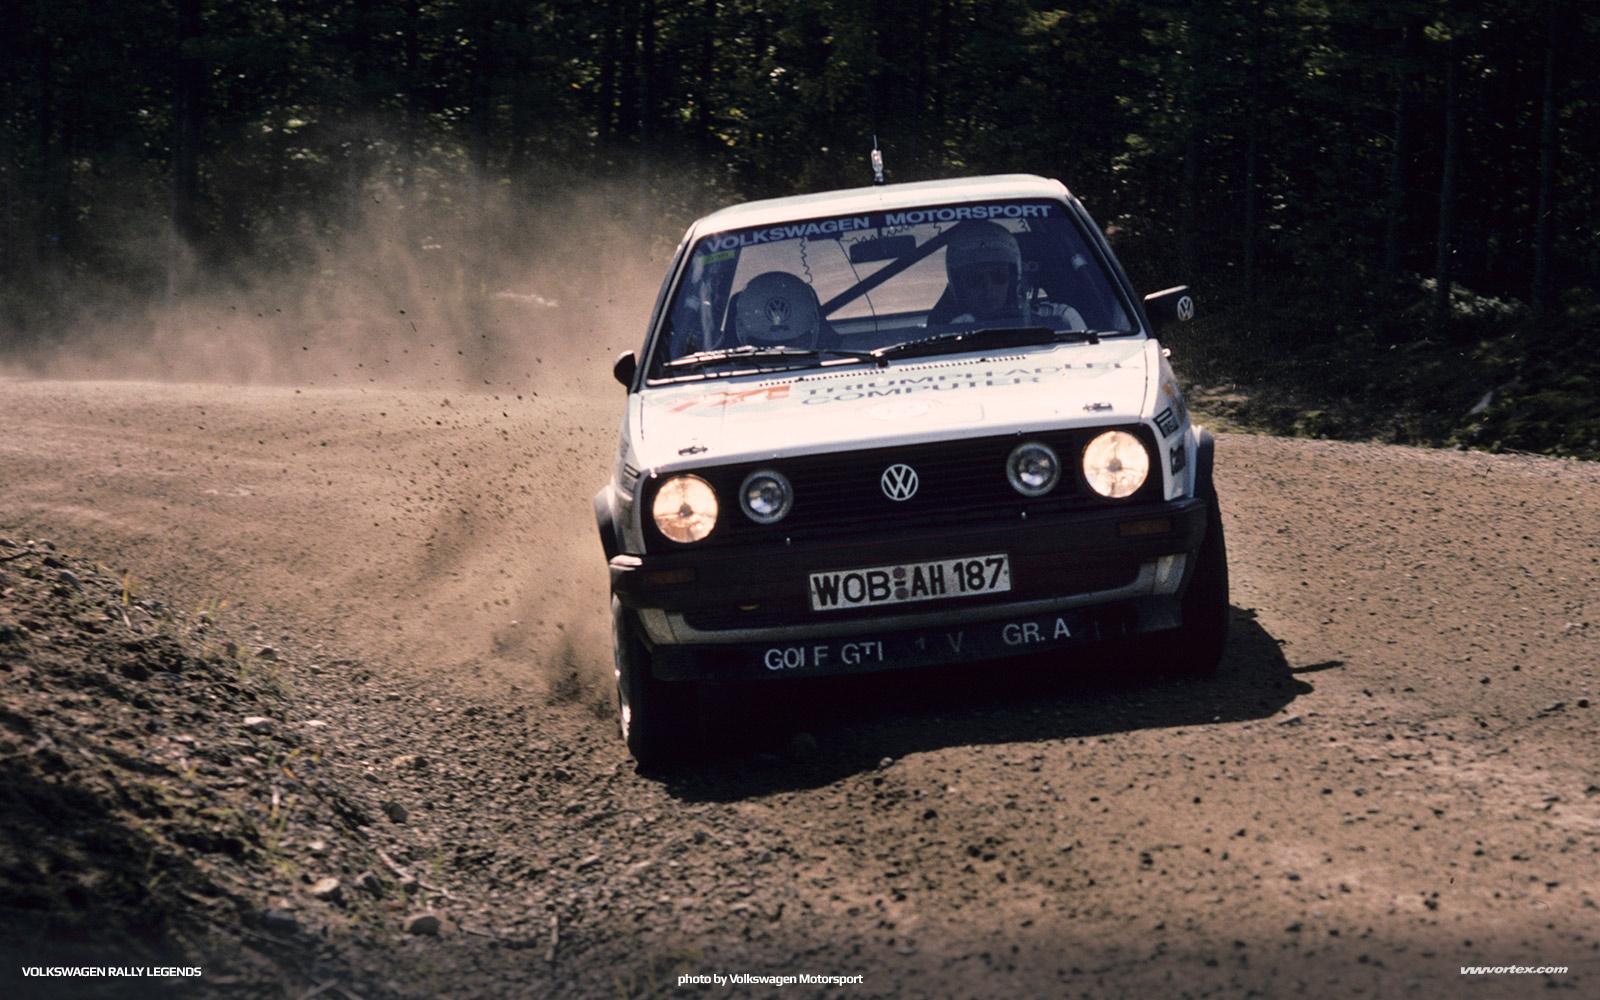 volkswagen-rally-legends-384